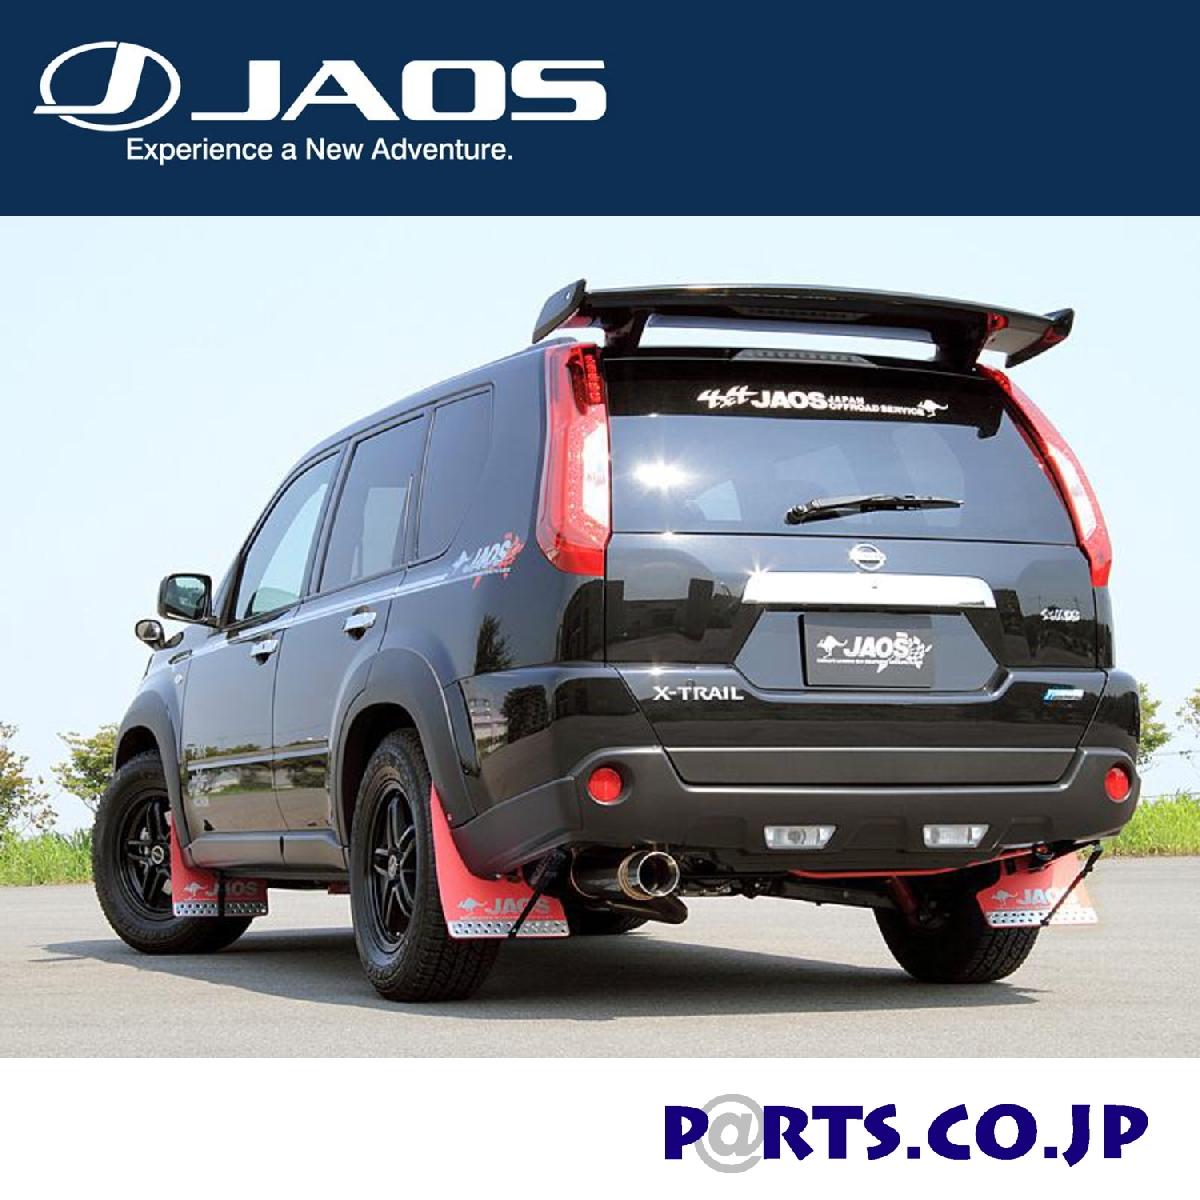 日産 エクストレイル フェンダー JAOS マッドガード3 リヤセット レッド エクストレイル 31系